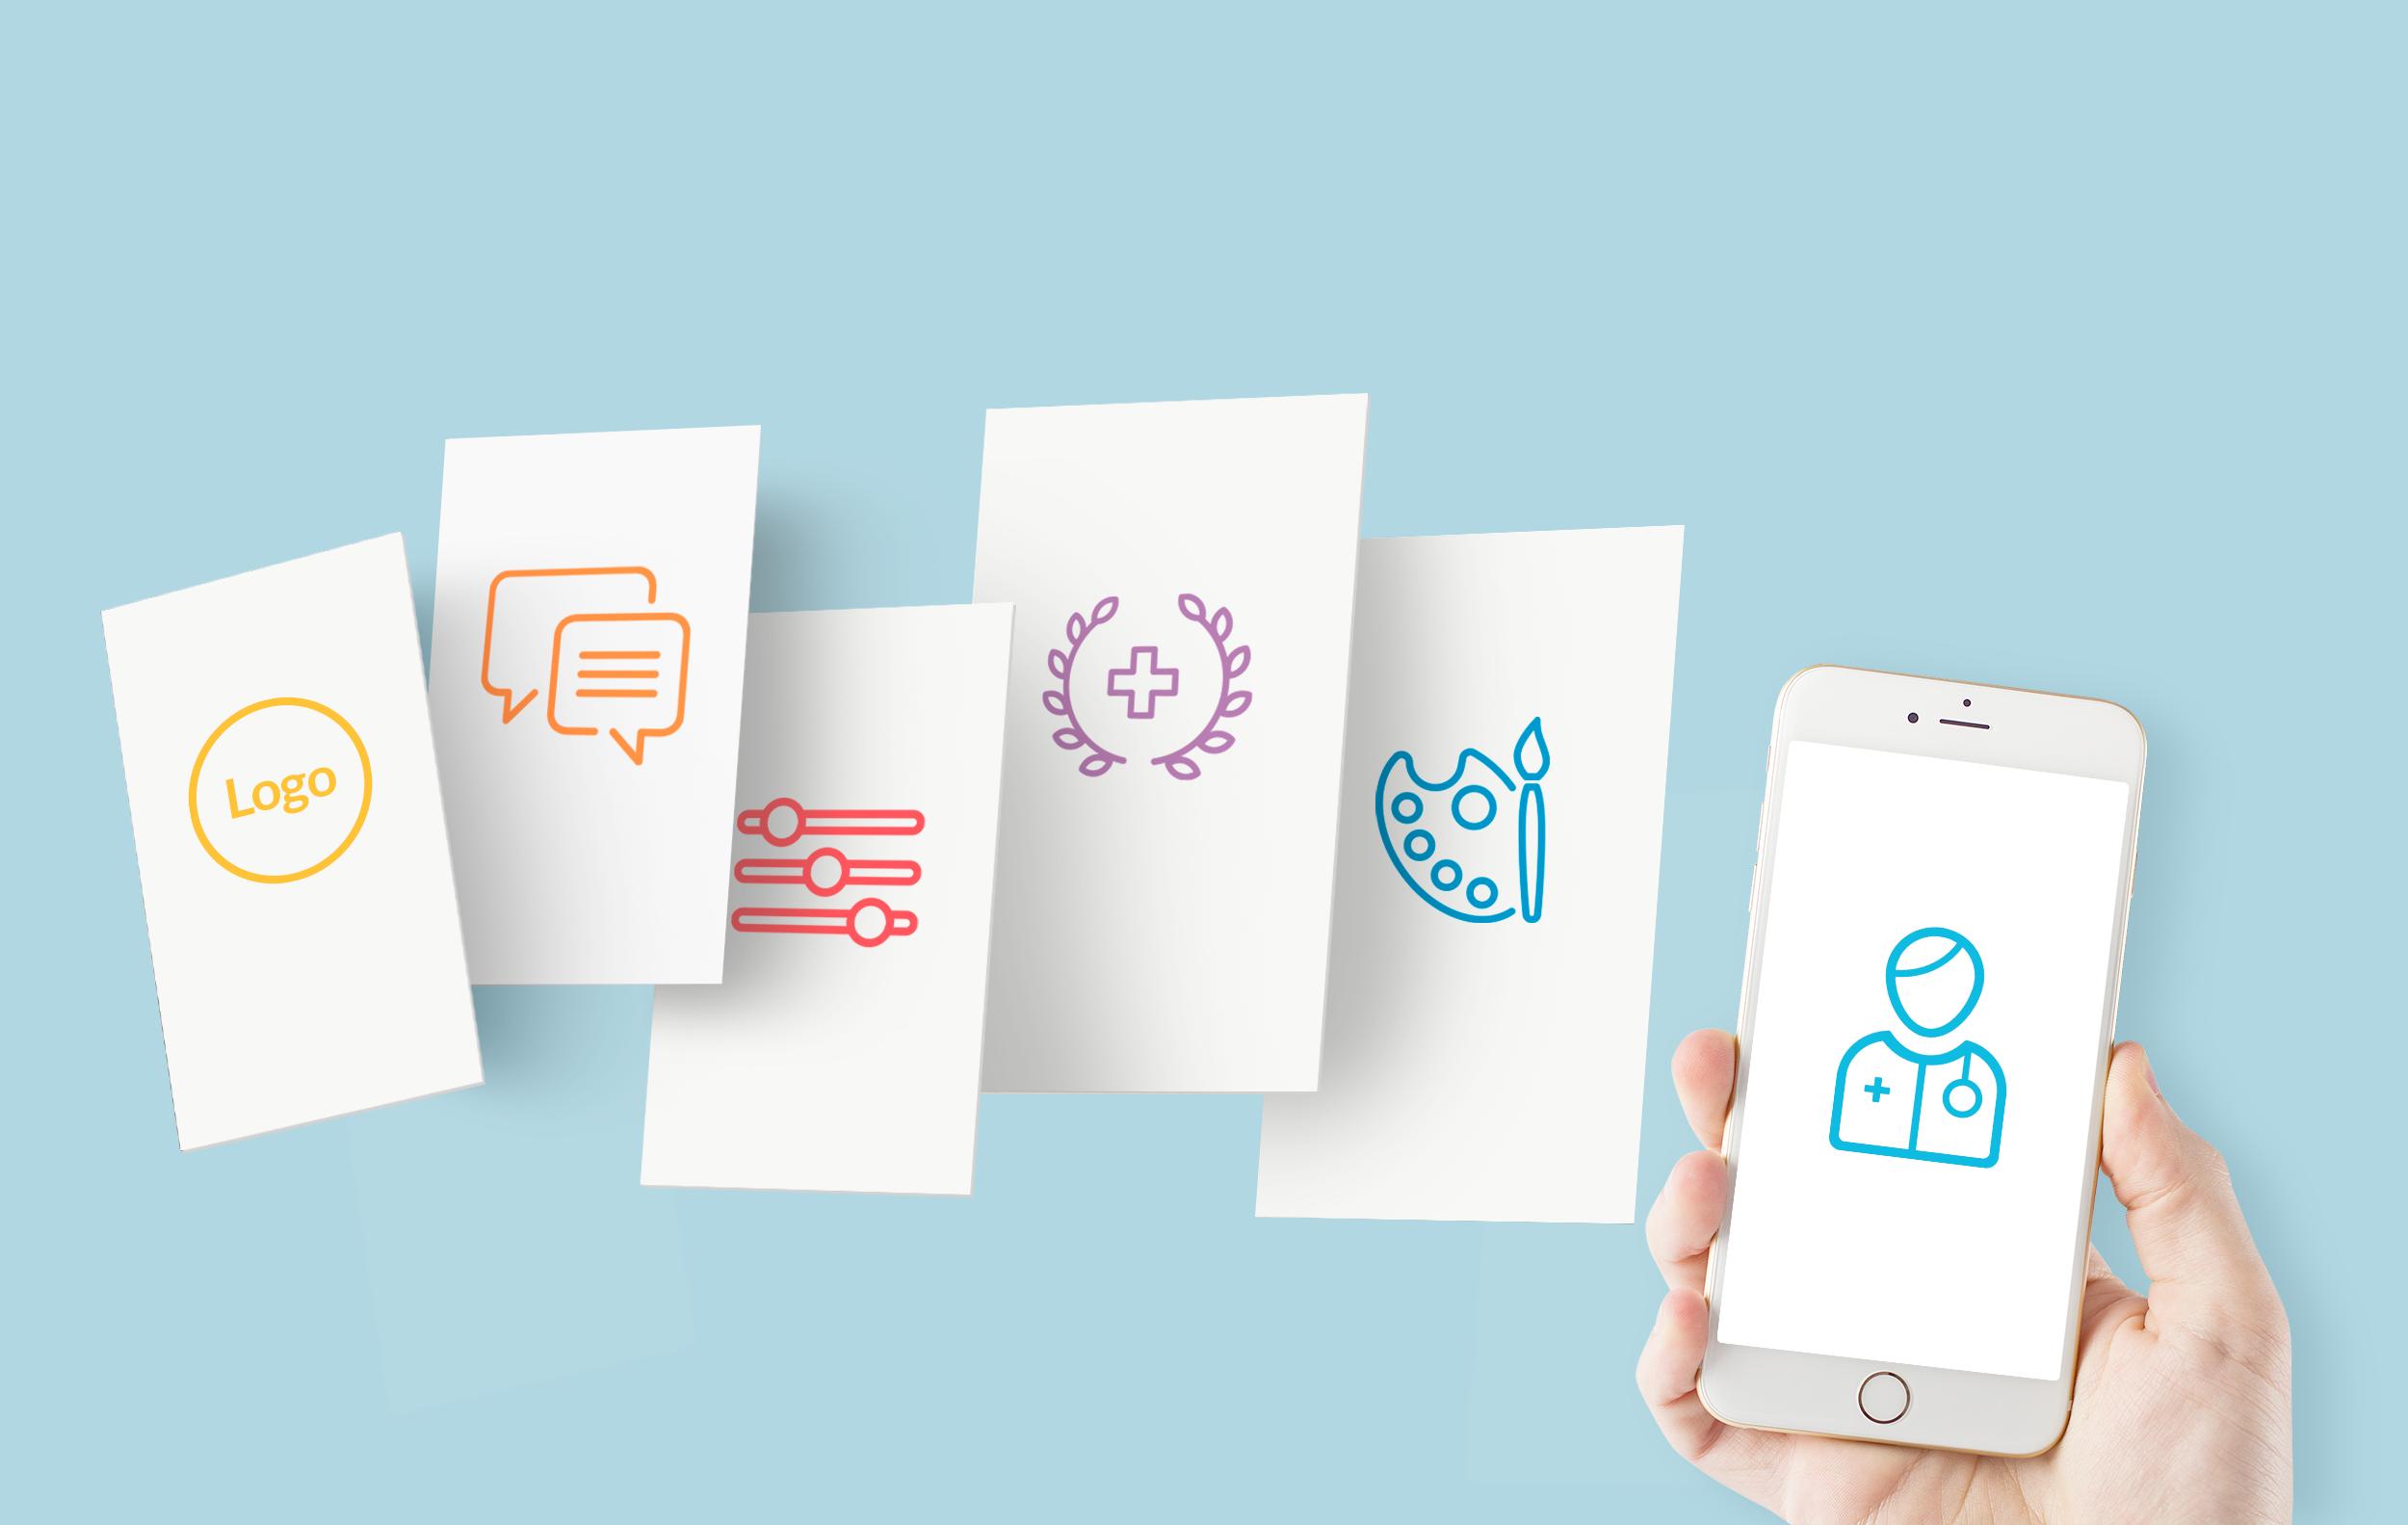 Doctrin Flow - möjlig att anpassa till vårdgivarens varumärke